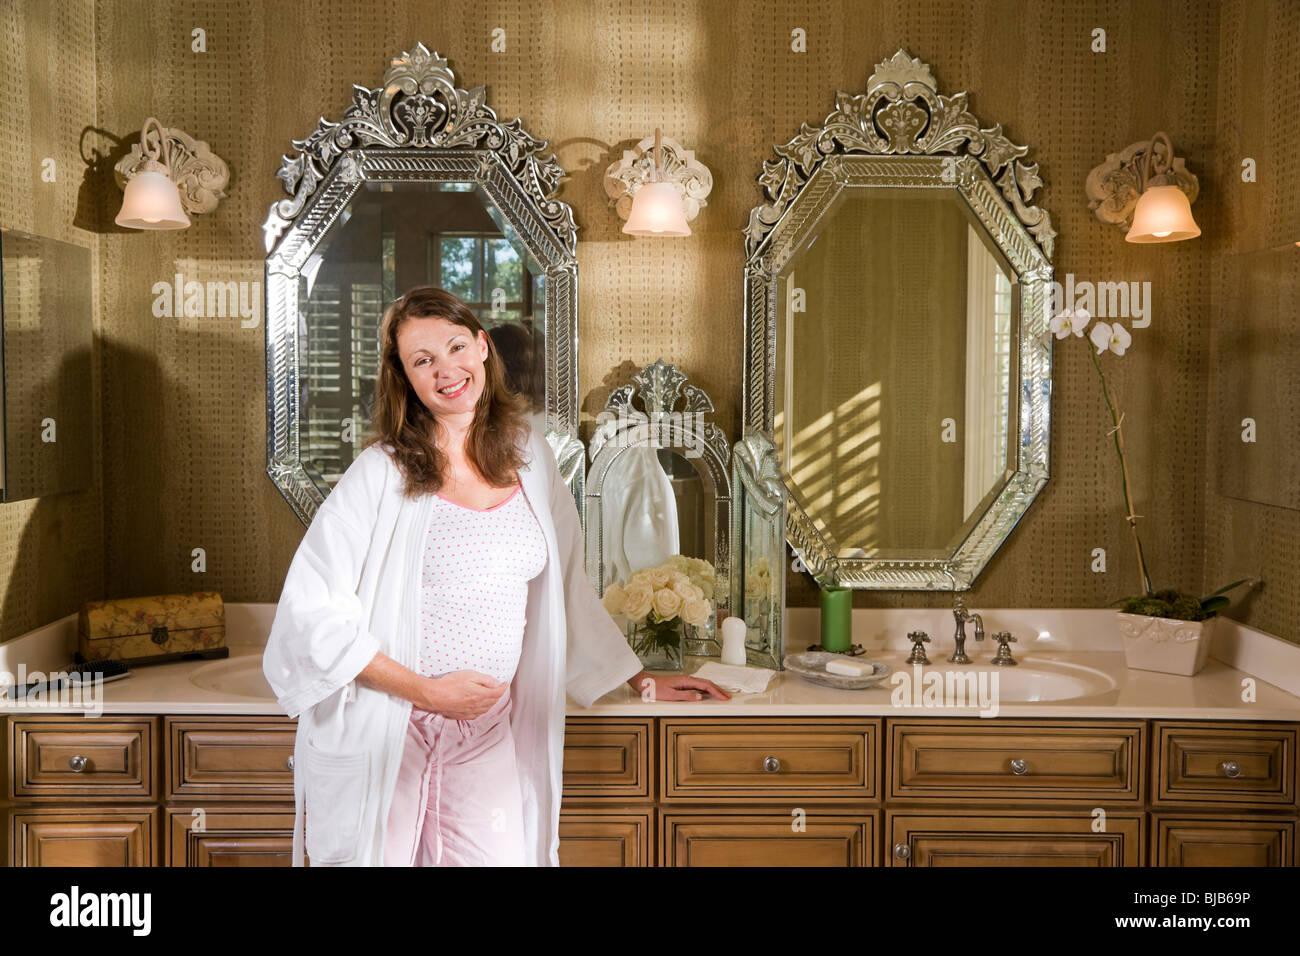 19c74dcfe4dd Mujer embarazada por tocador de baño permanente en pijama Foto ...